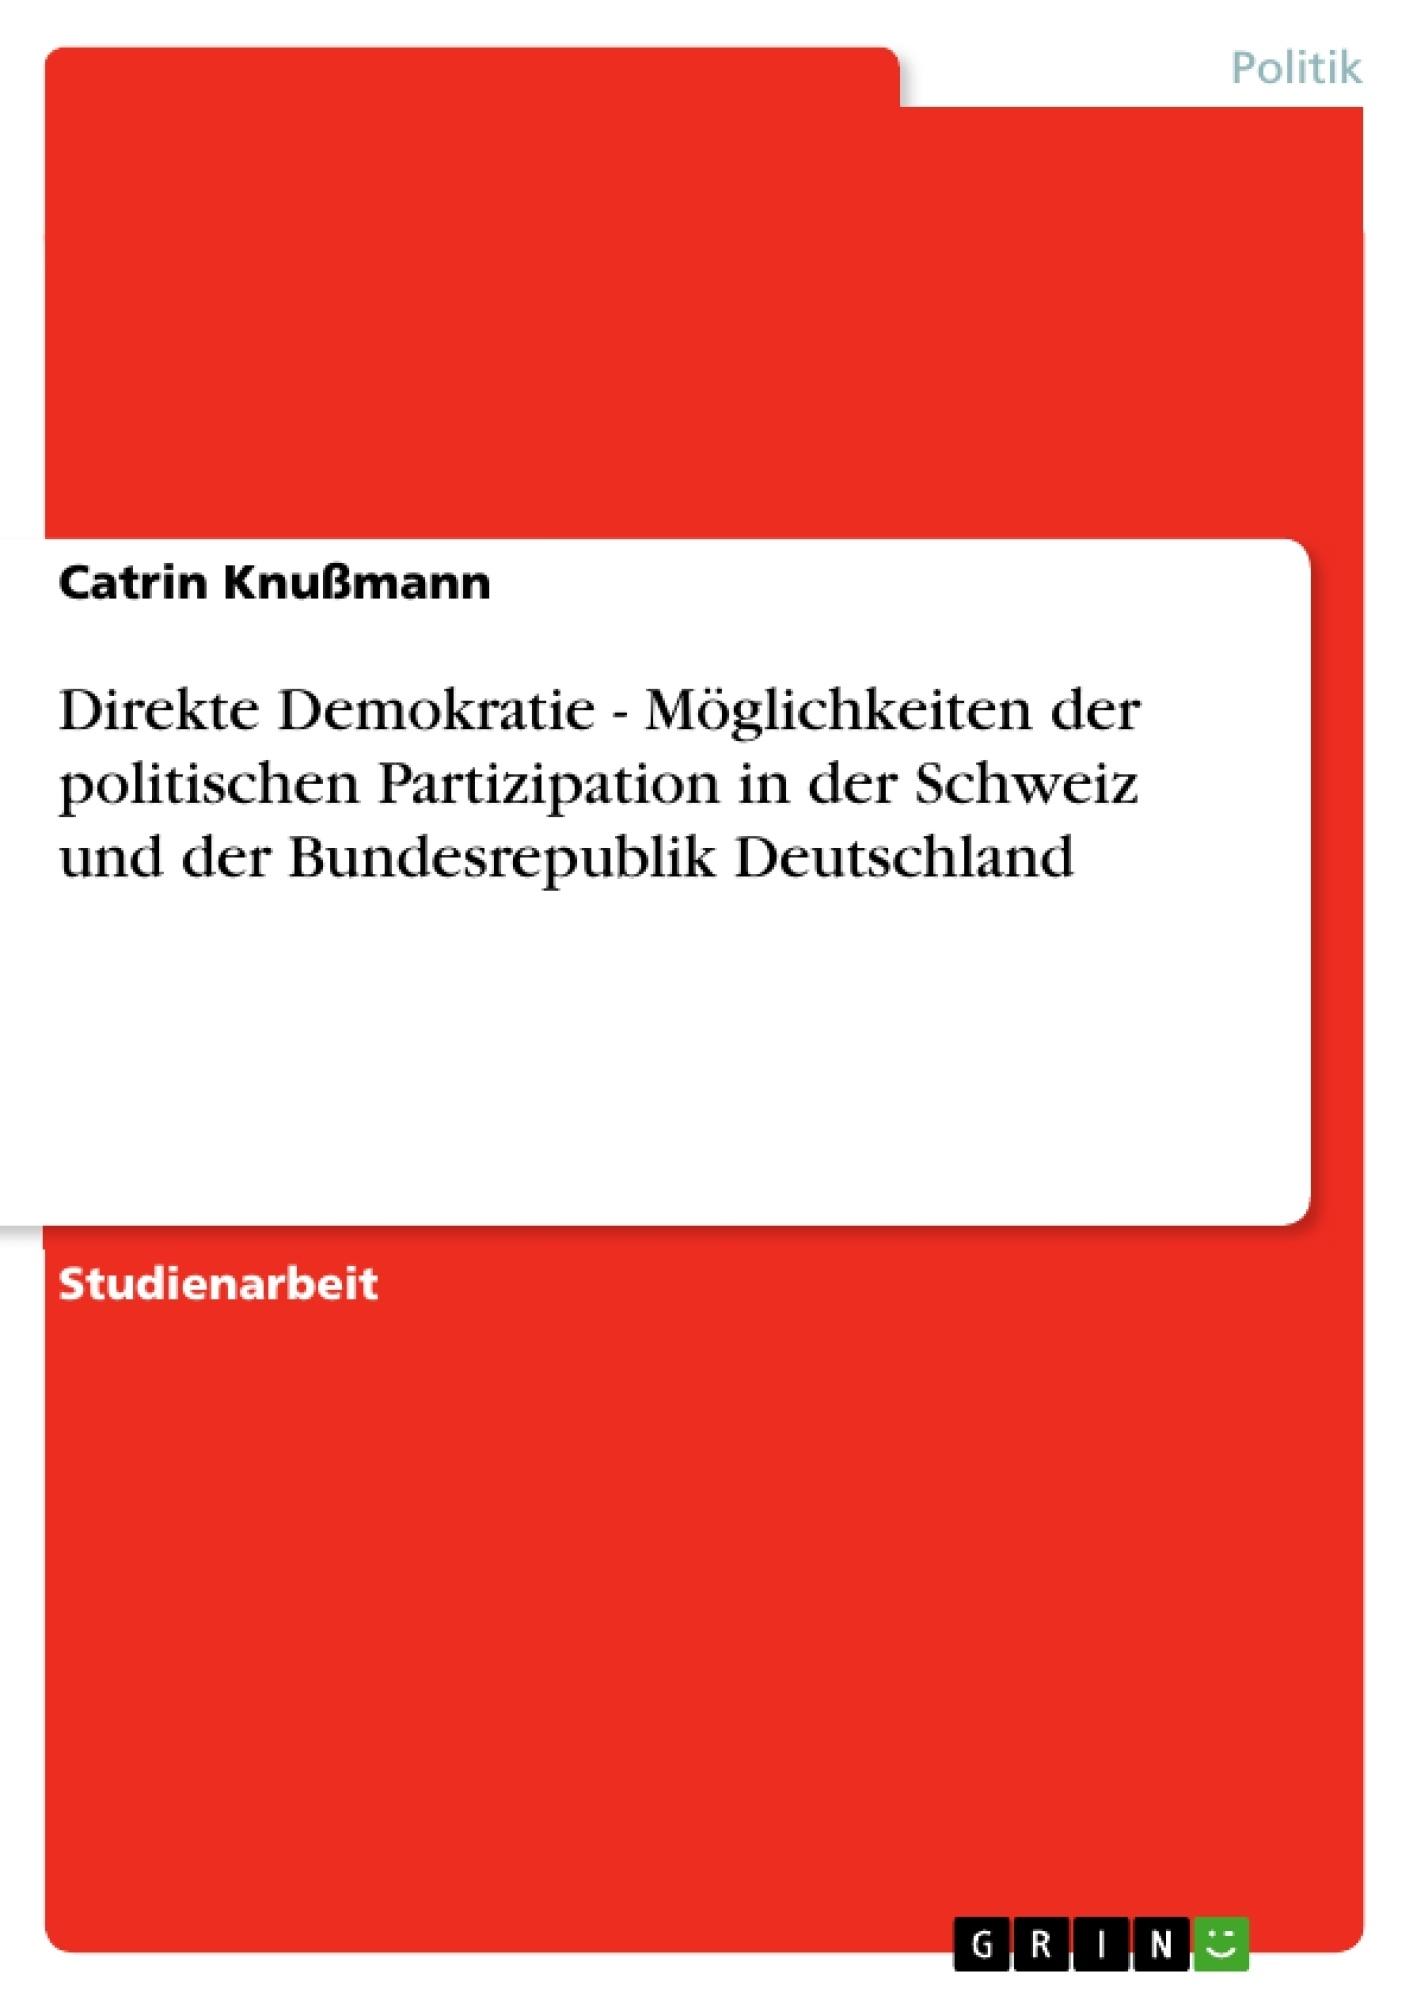 Titel: Direkte Demokratie - Möglichkeiten der politischen Partizipation in der Schweiz und der Bundesrepublik Deutschland